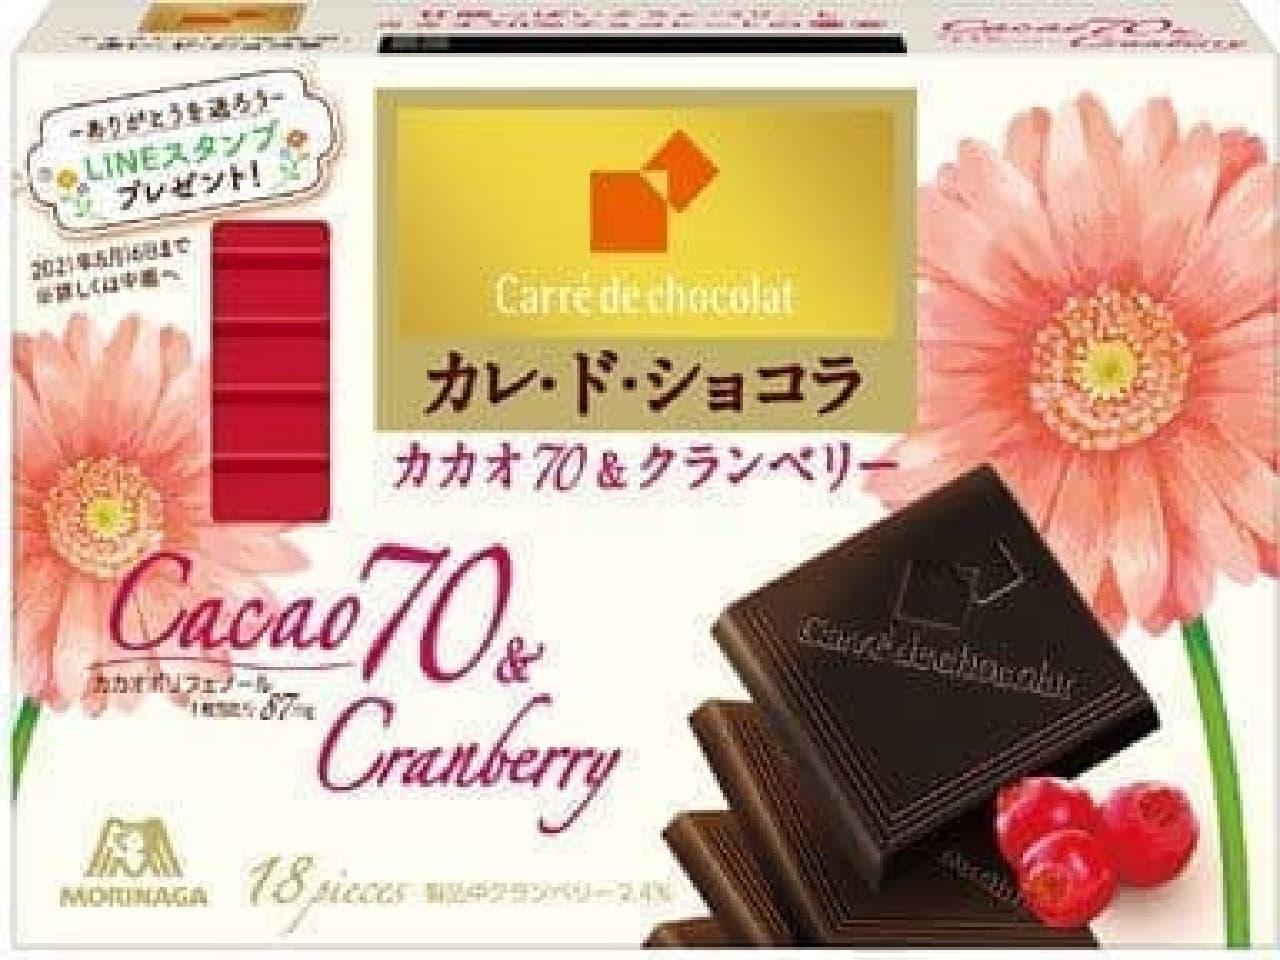 森永製菓「カレ・ド・ショコラ<カカオ70&クランベリー>」